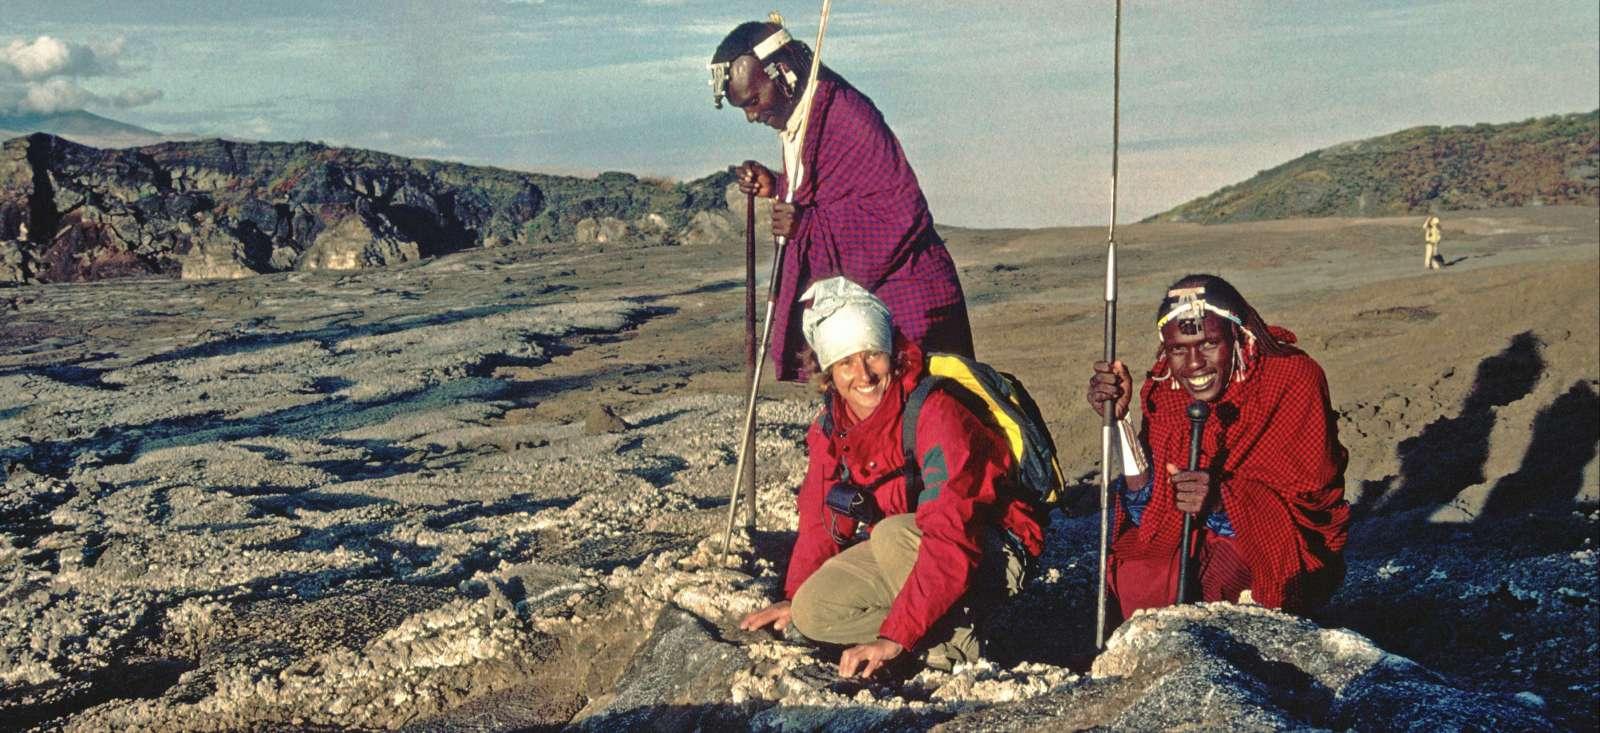 Voyage à pied : Safari & randonnée en territoire Masaï